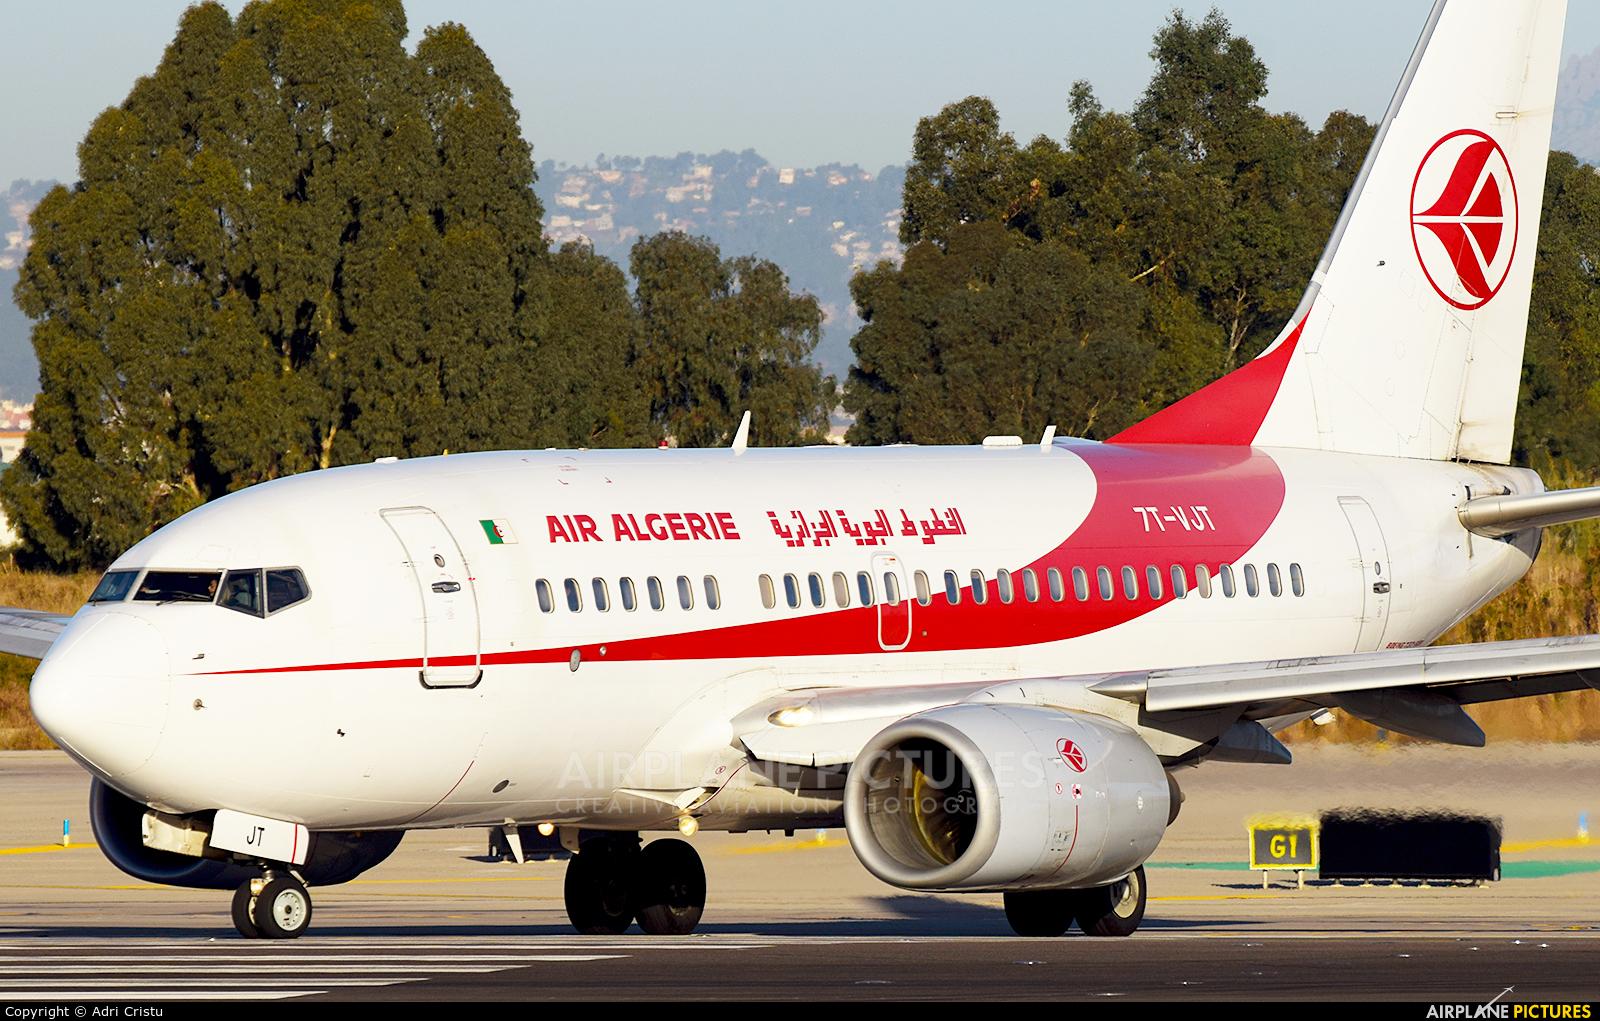 Air Algerie 7T-VJT aircraft at Barcelona - El Prat